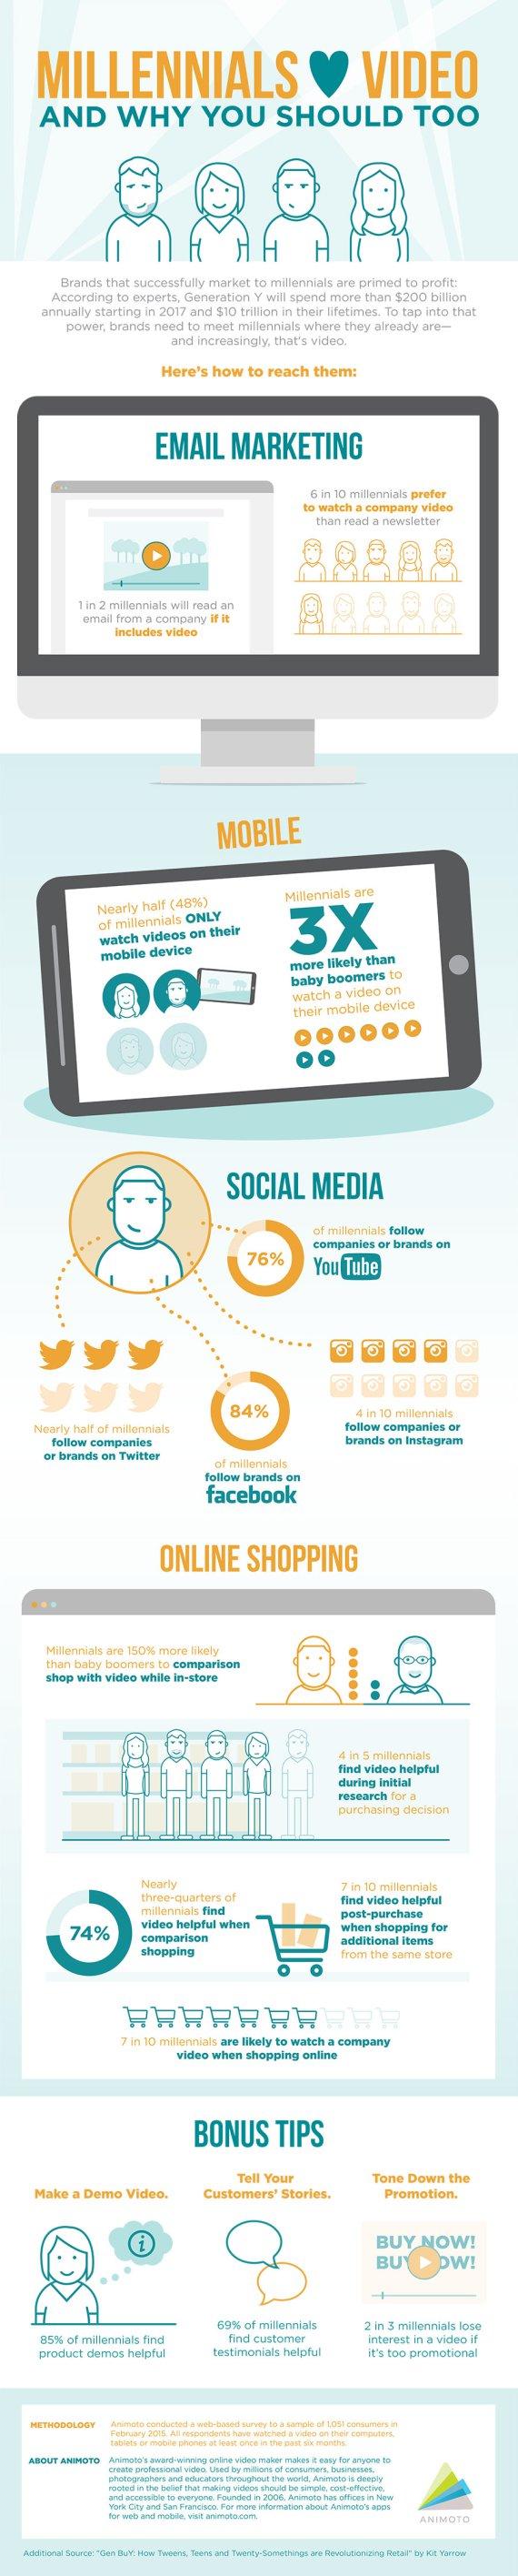 millennial_infographic.jpg